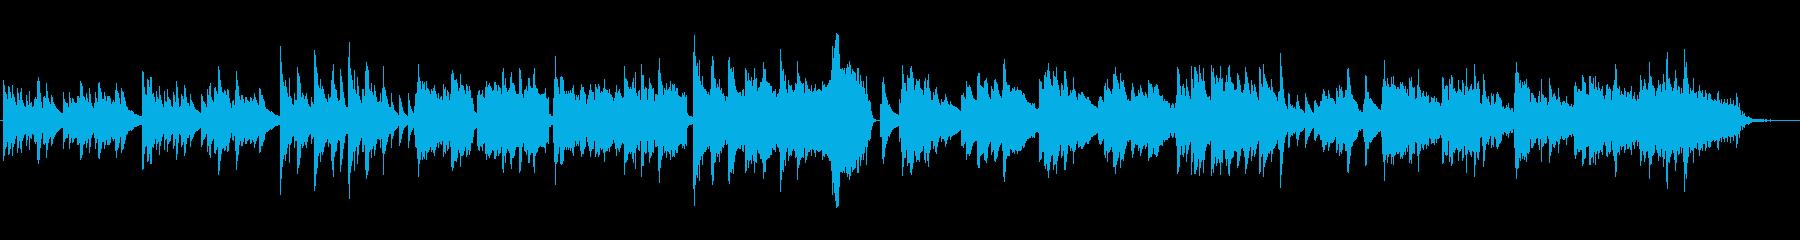 ほのぼの、まったり系ミュージックの再生済みの波形